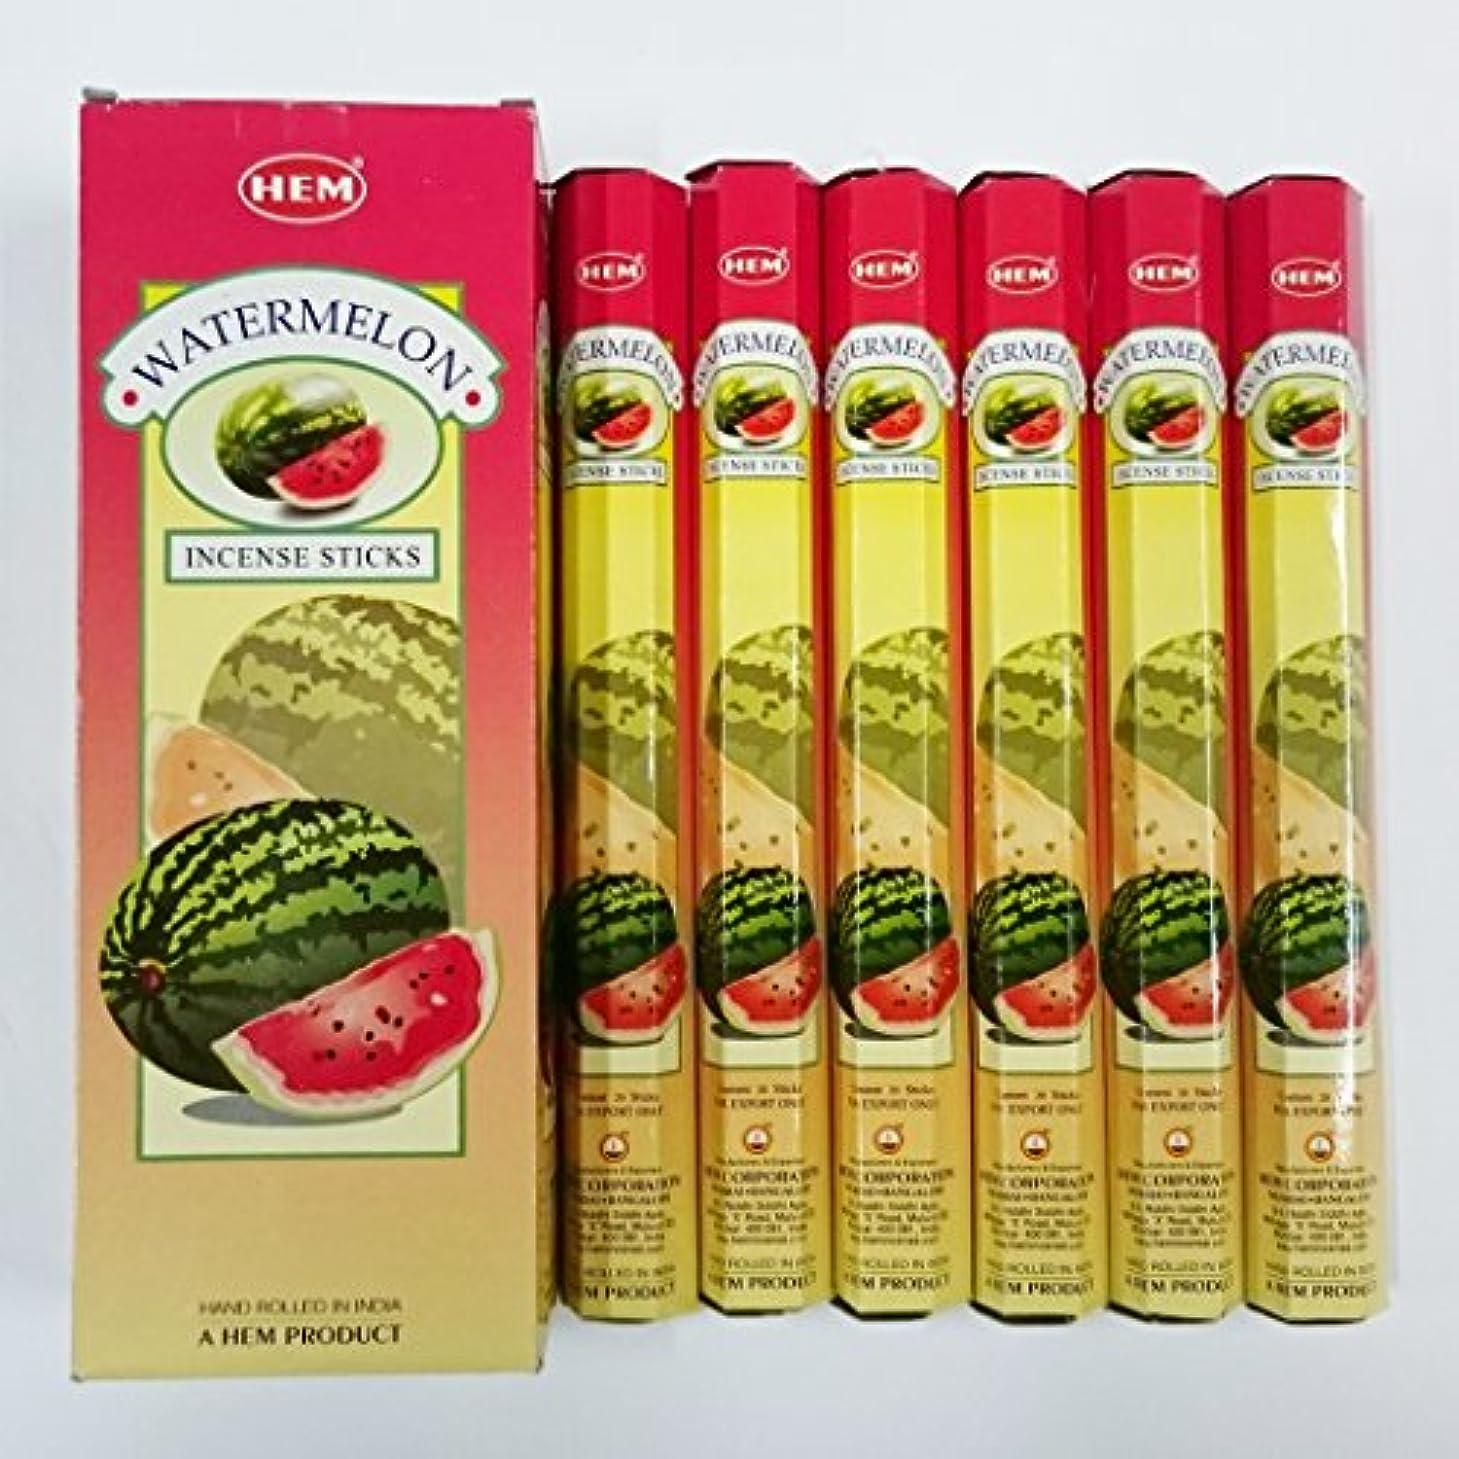 マート行為群集HEM (ヘム) インセンス スティック へキサパック ウォーターメロン(スイカ)香 6角(20本入)×6箱 [並行輸入品]Water melon